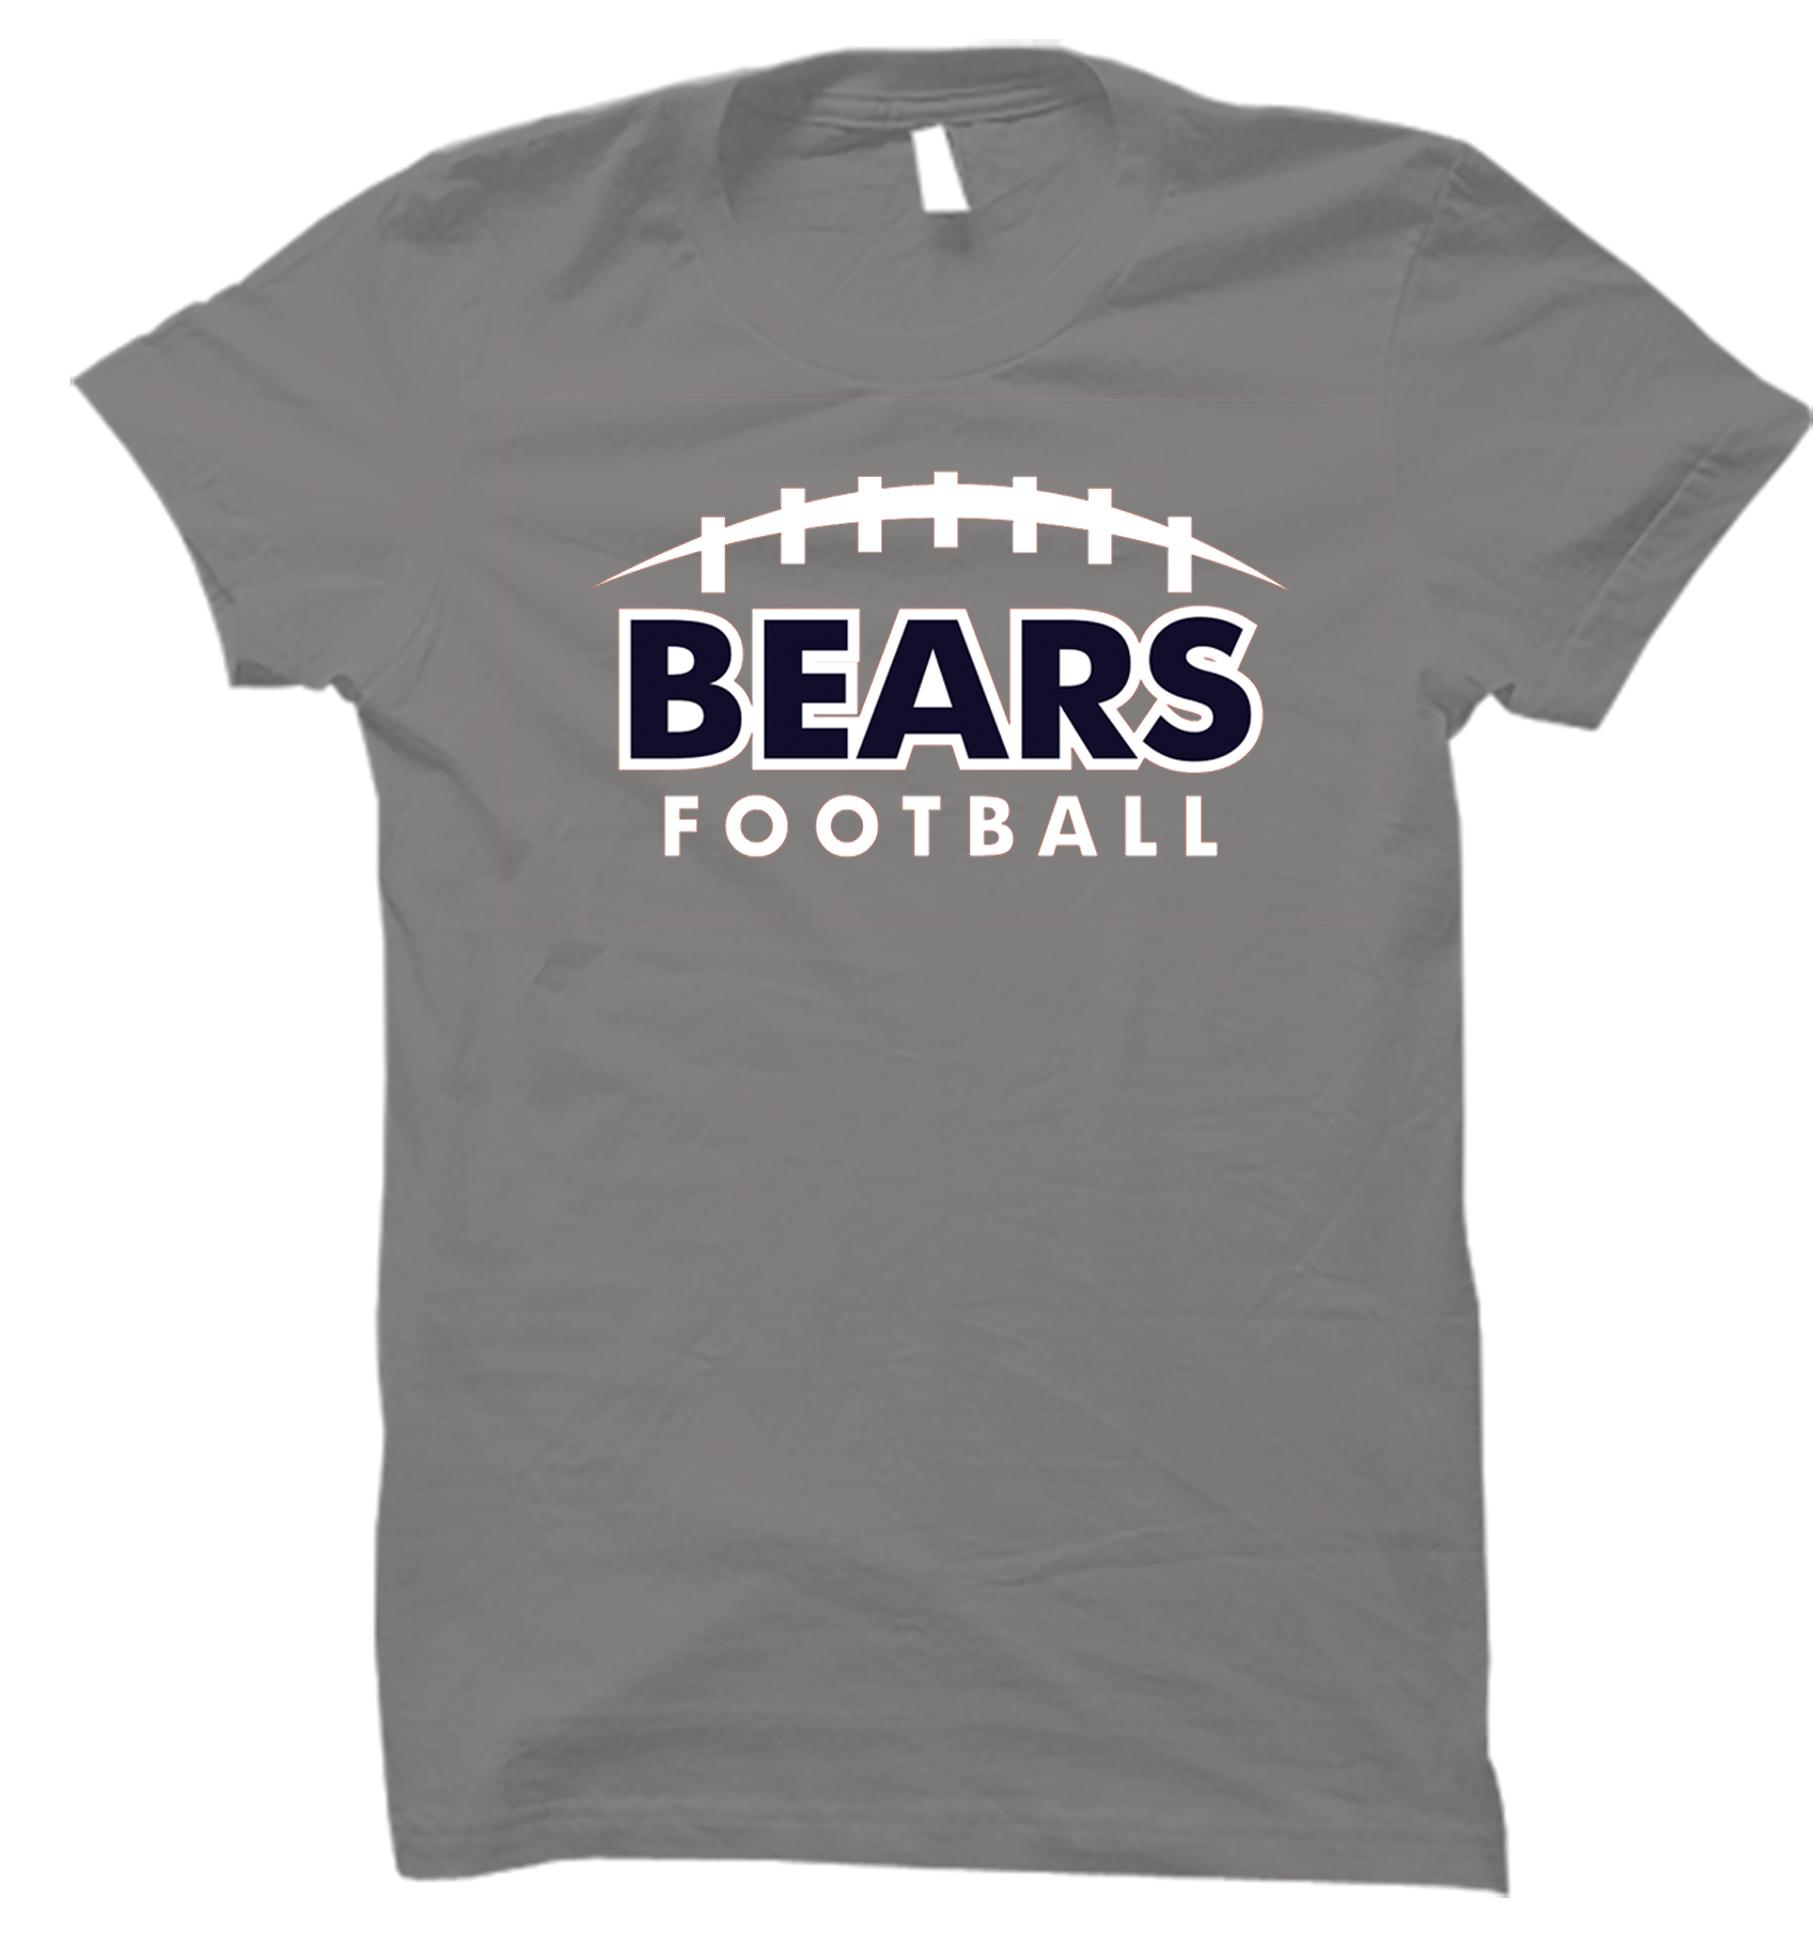 Bears SS 2017 2 - Gray